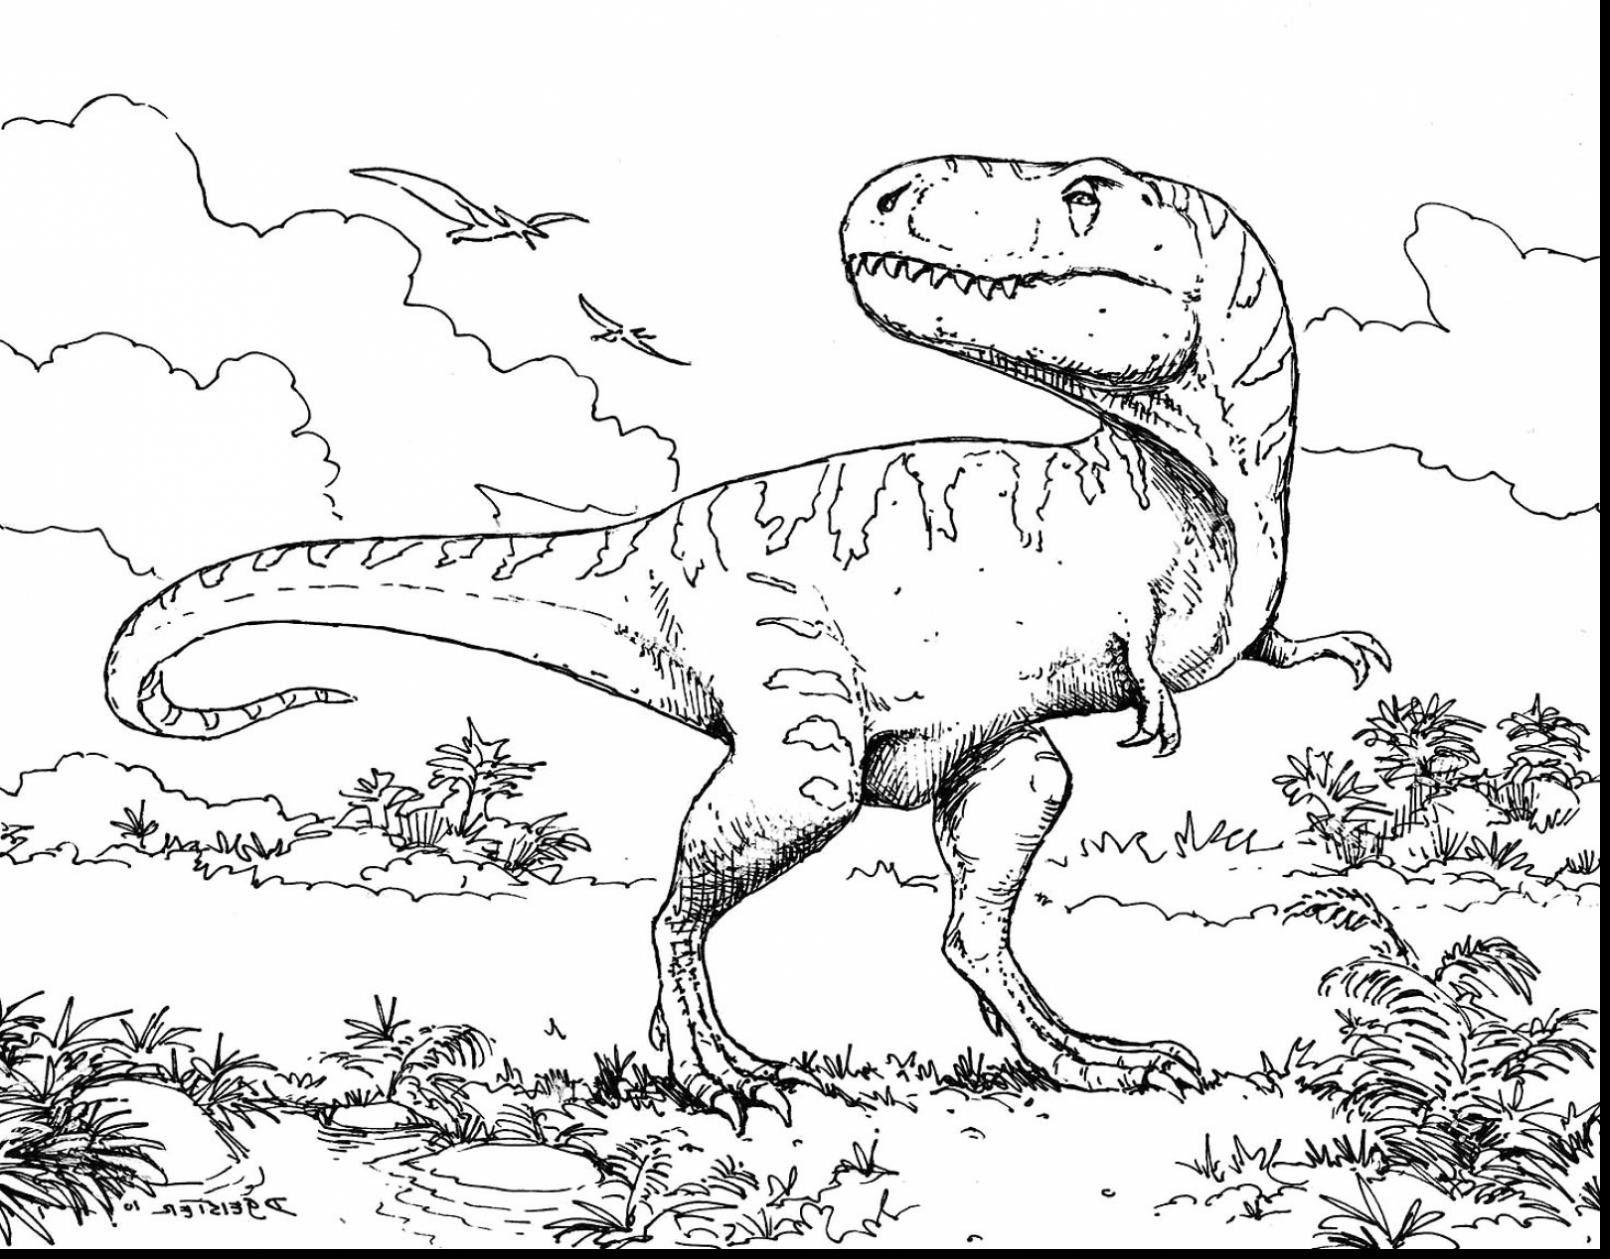 T Rex Cafe T Rex Deborah T Rex Outline T Rex Unchained Trex Decking Dinosaurs Coloring Dinosaur Coloring Pages Dinosaur Coloring Sheets Dinosaur Coloring